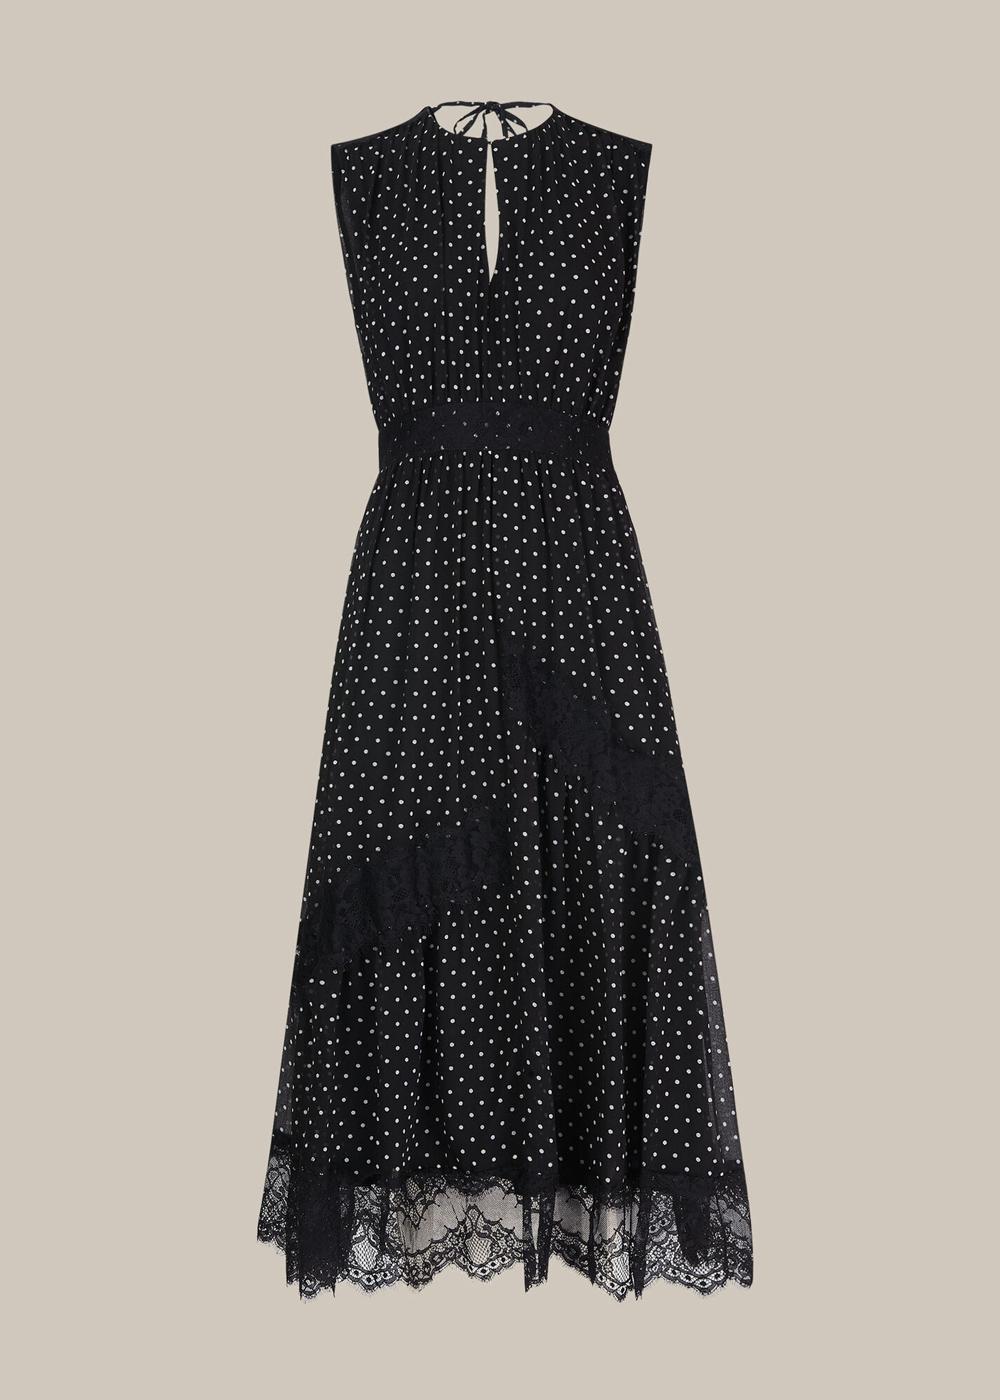 Whistles midi haljina proljeće/ljeto 2021.